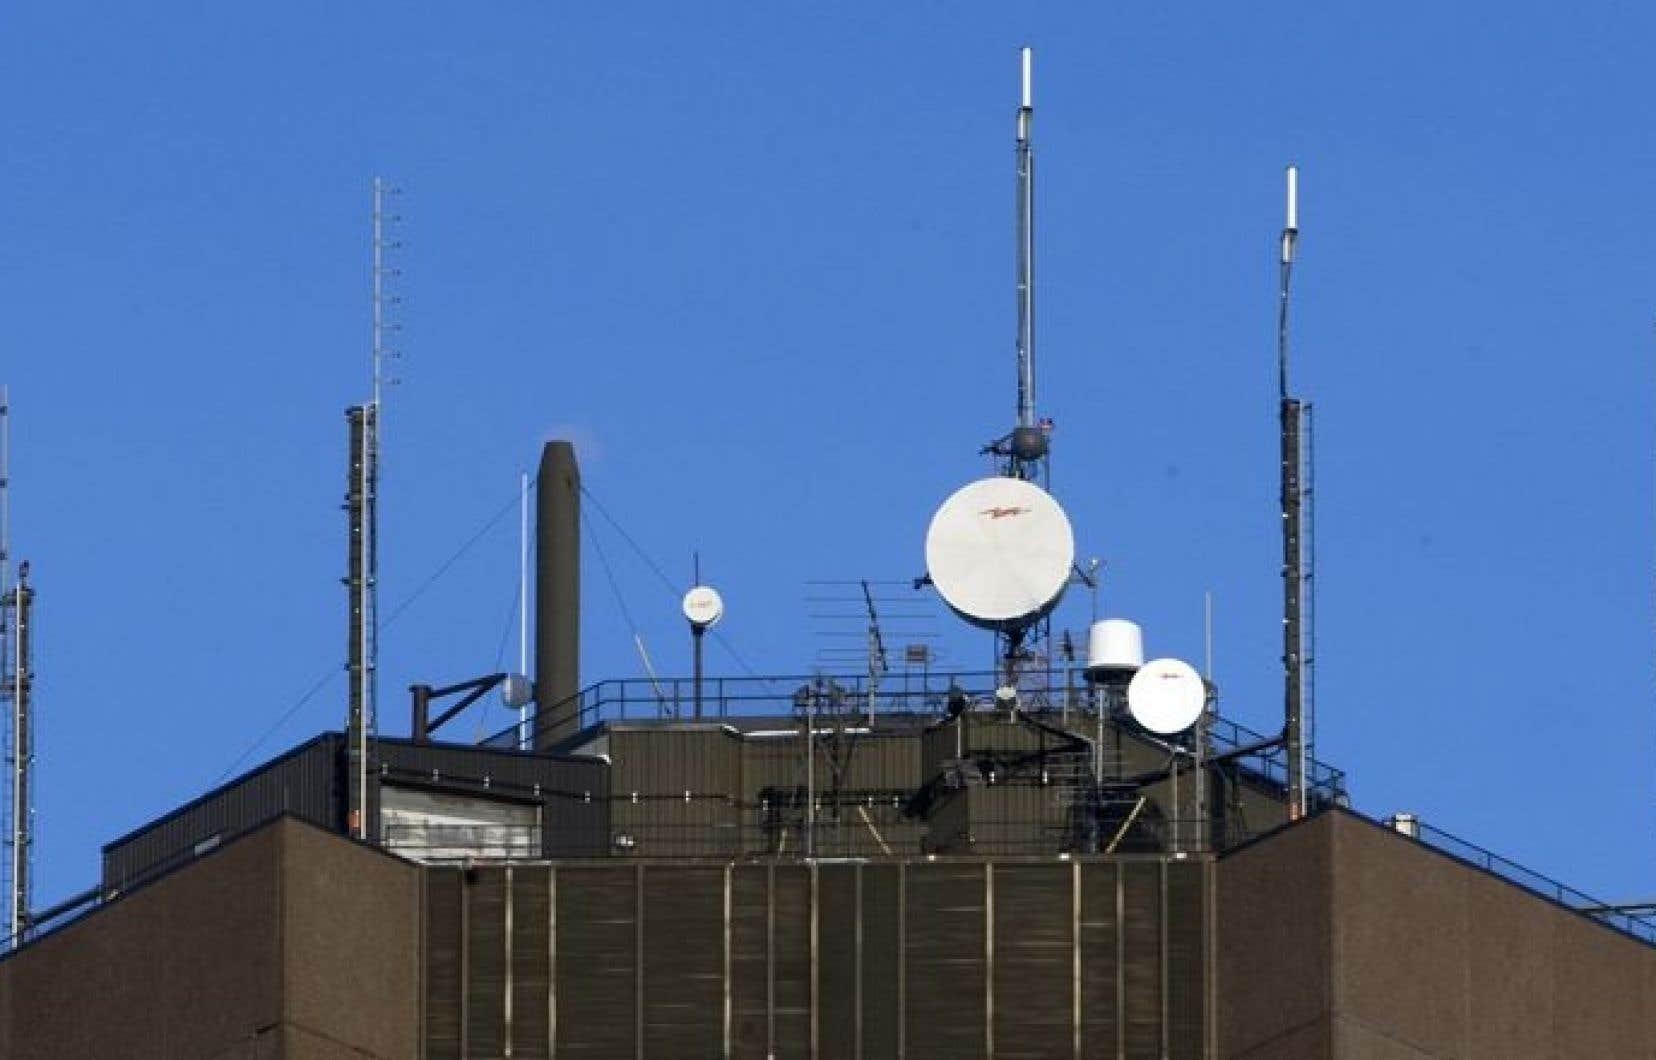 La circulation croissante sur les réseaux sans fil, associée aux téléphones intelligents et aux tablettes, nécessite une augmentation du nombre d'antennes et de tours de téléphonie cellulaire.